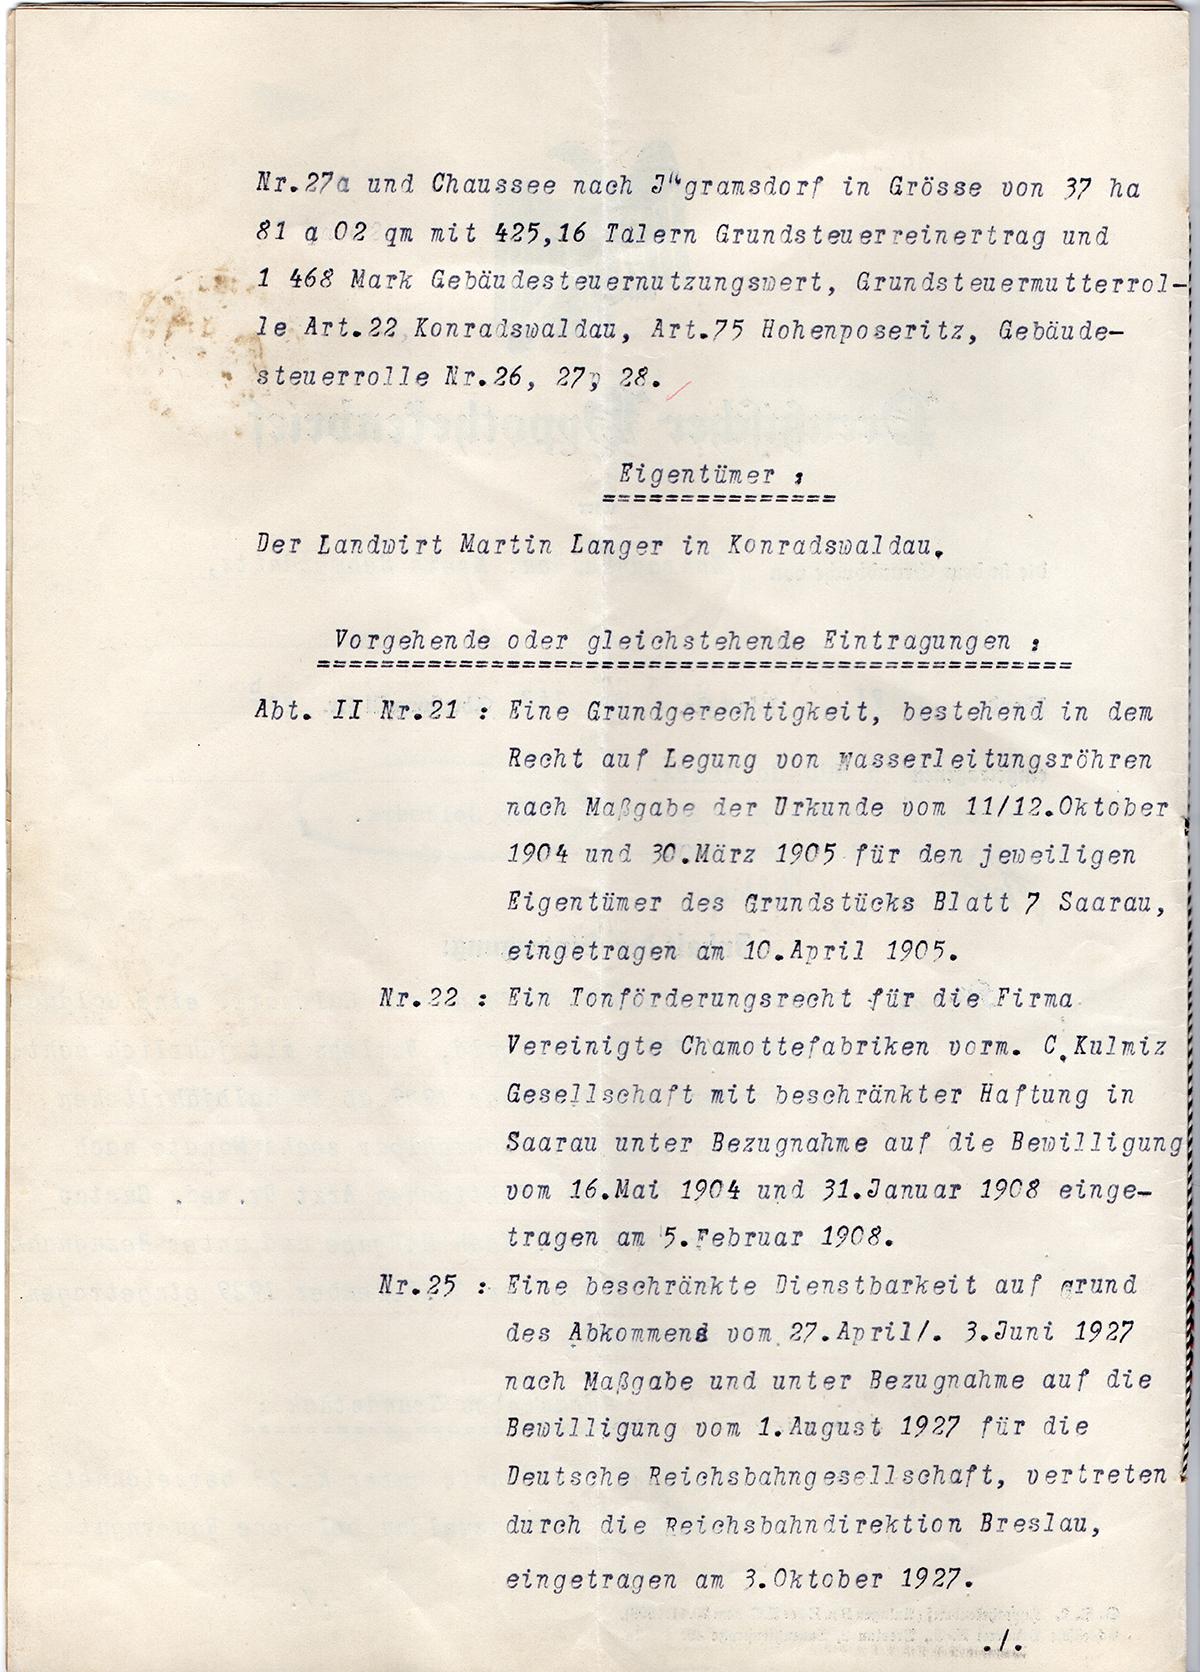 Pożyczka hipoteczna mieszkańca Konradswaldau Martina Langera 1929 (2)